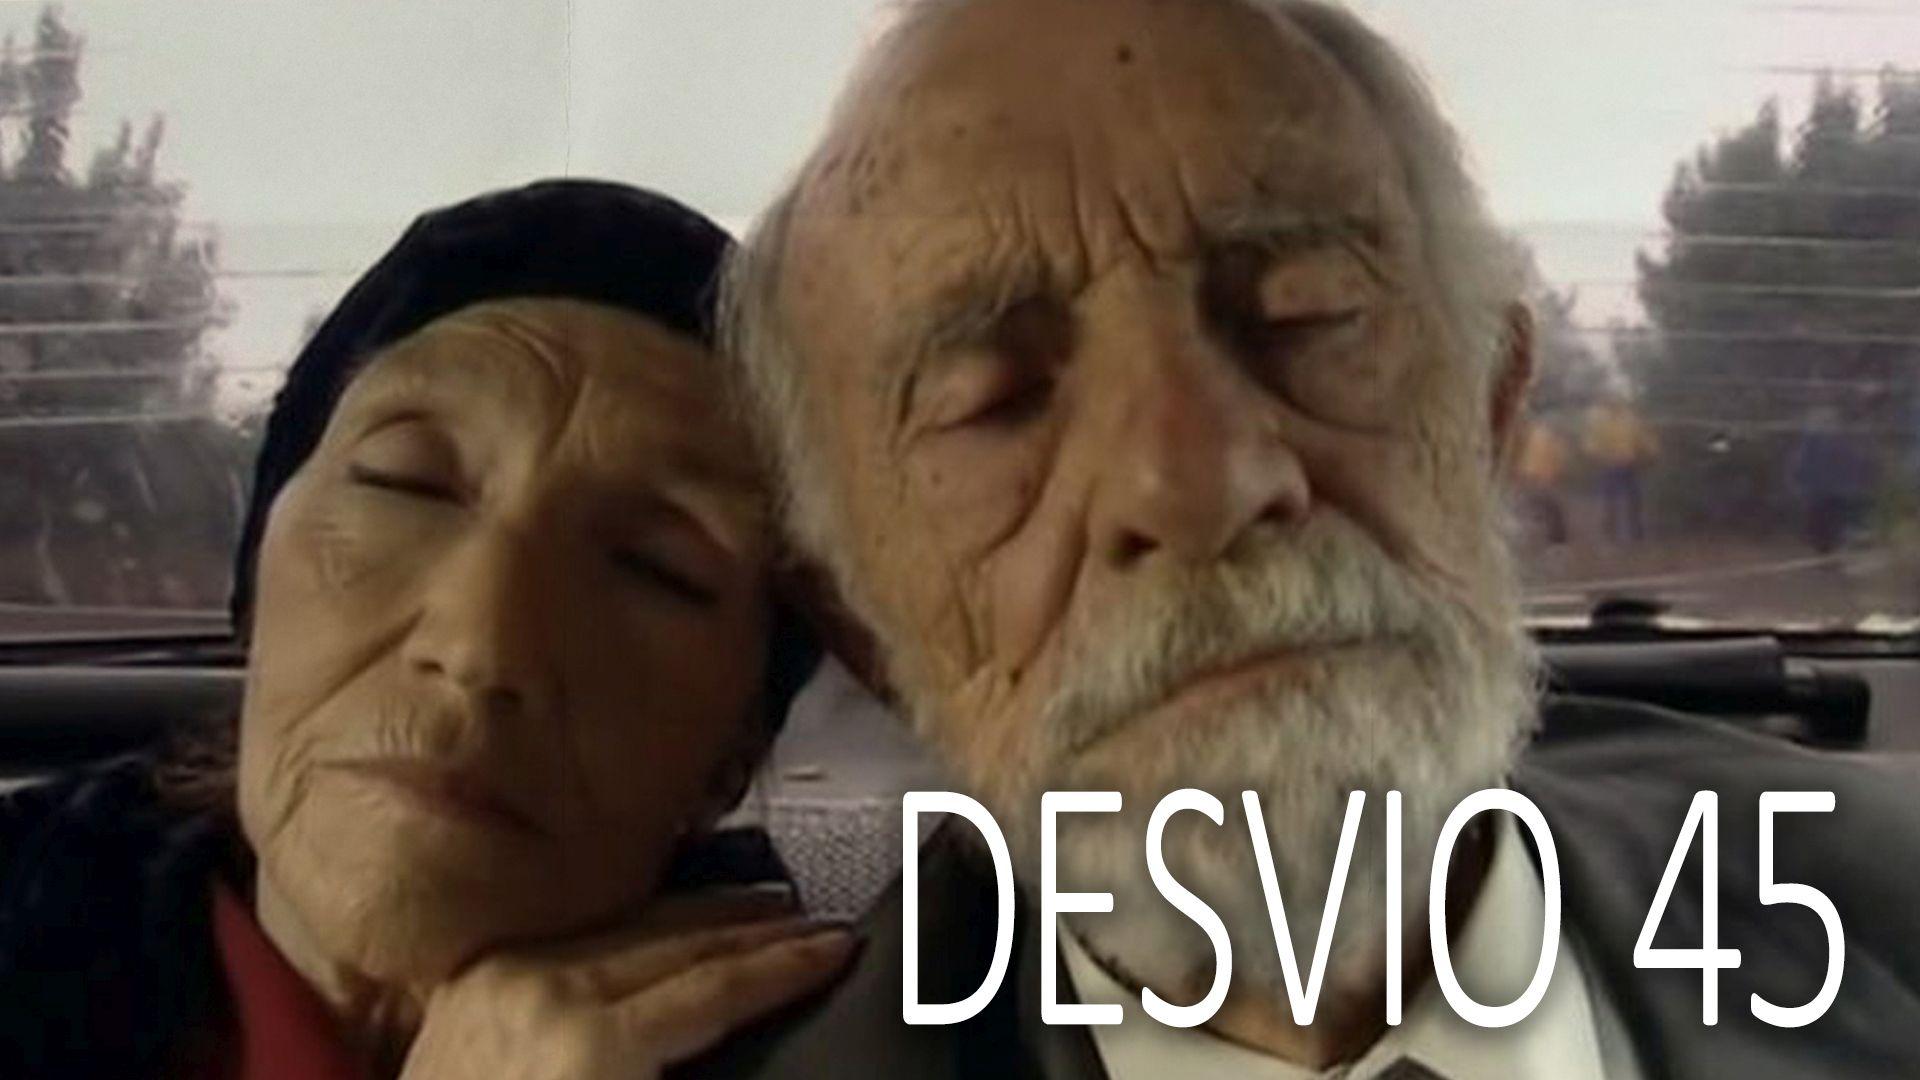 Desvio 45